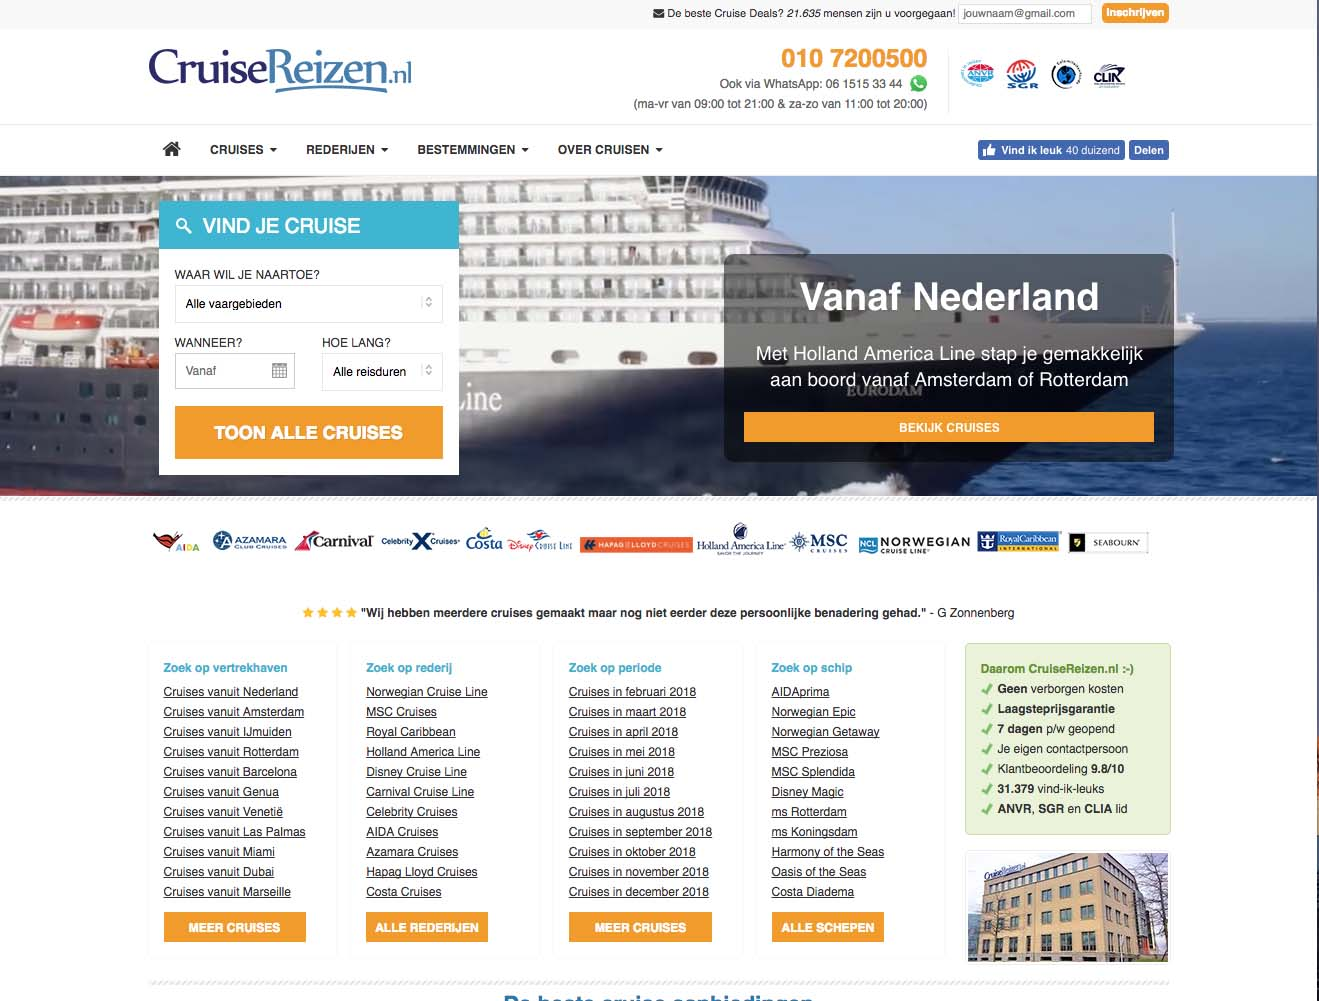 Cruisereizen accepteert american express creditcards2